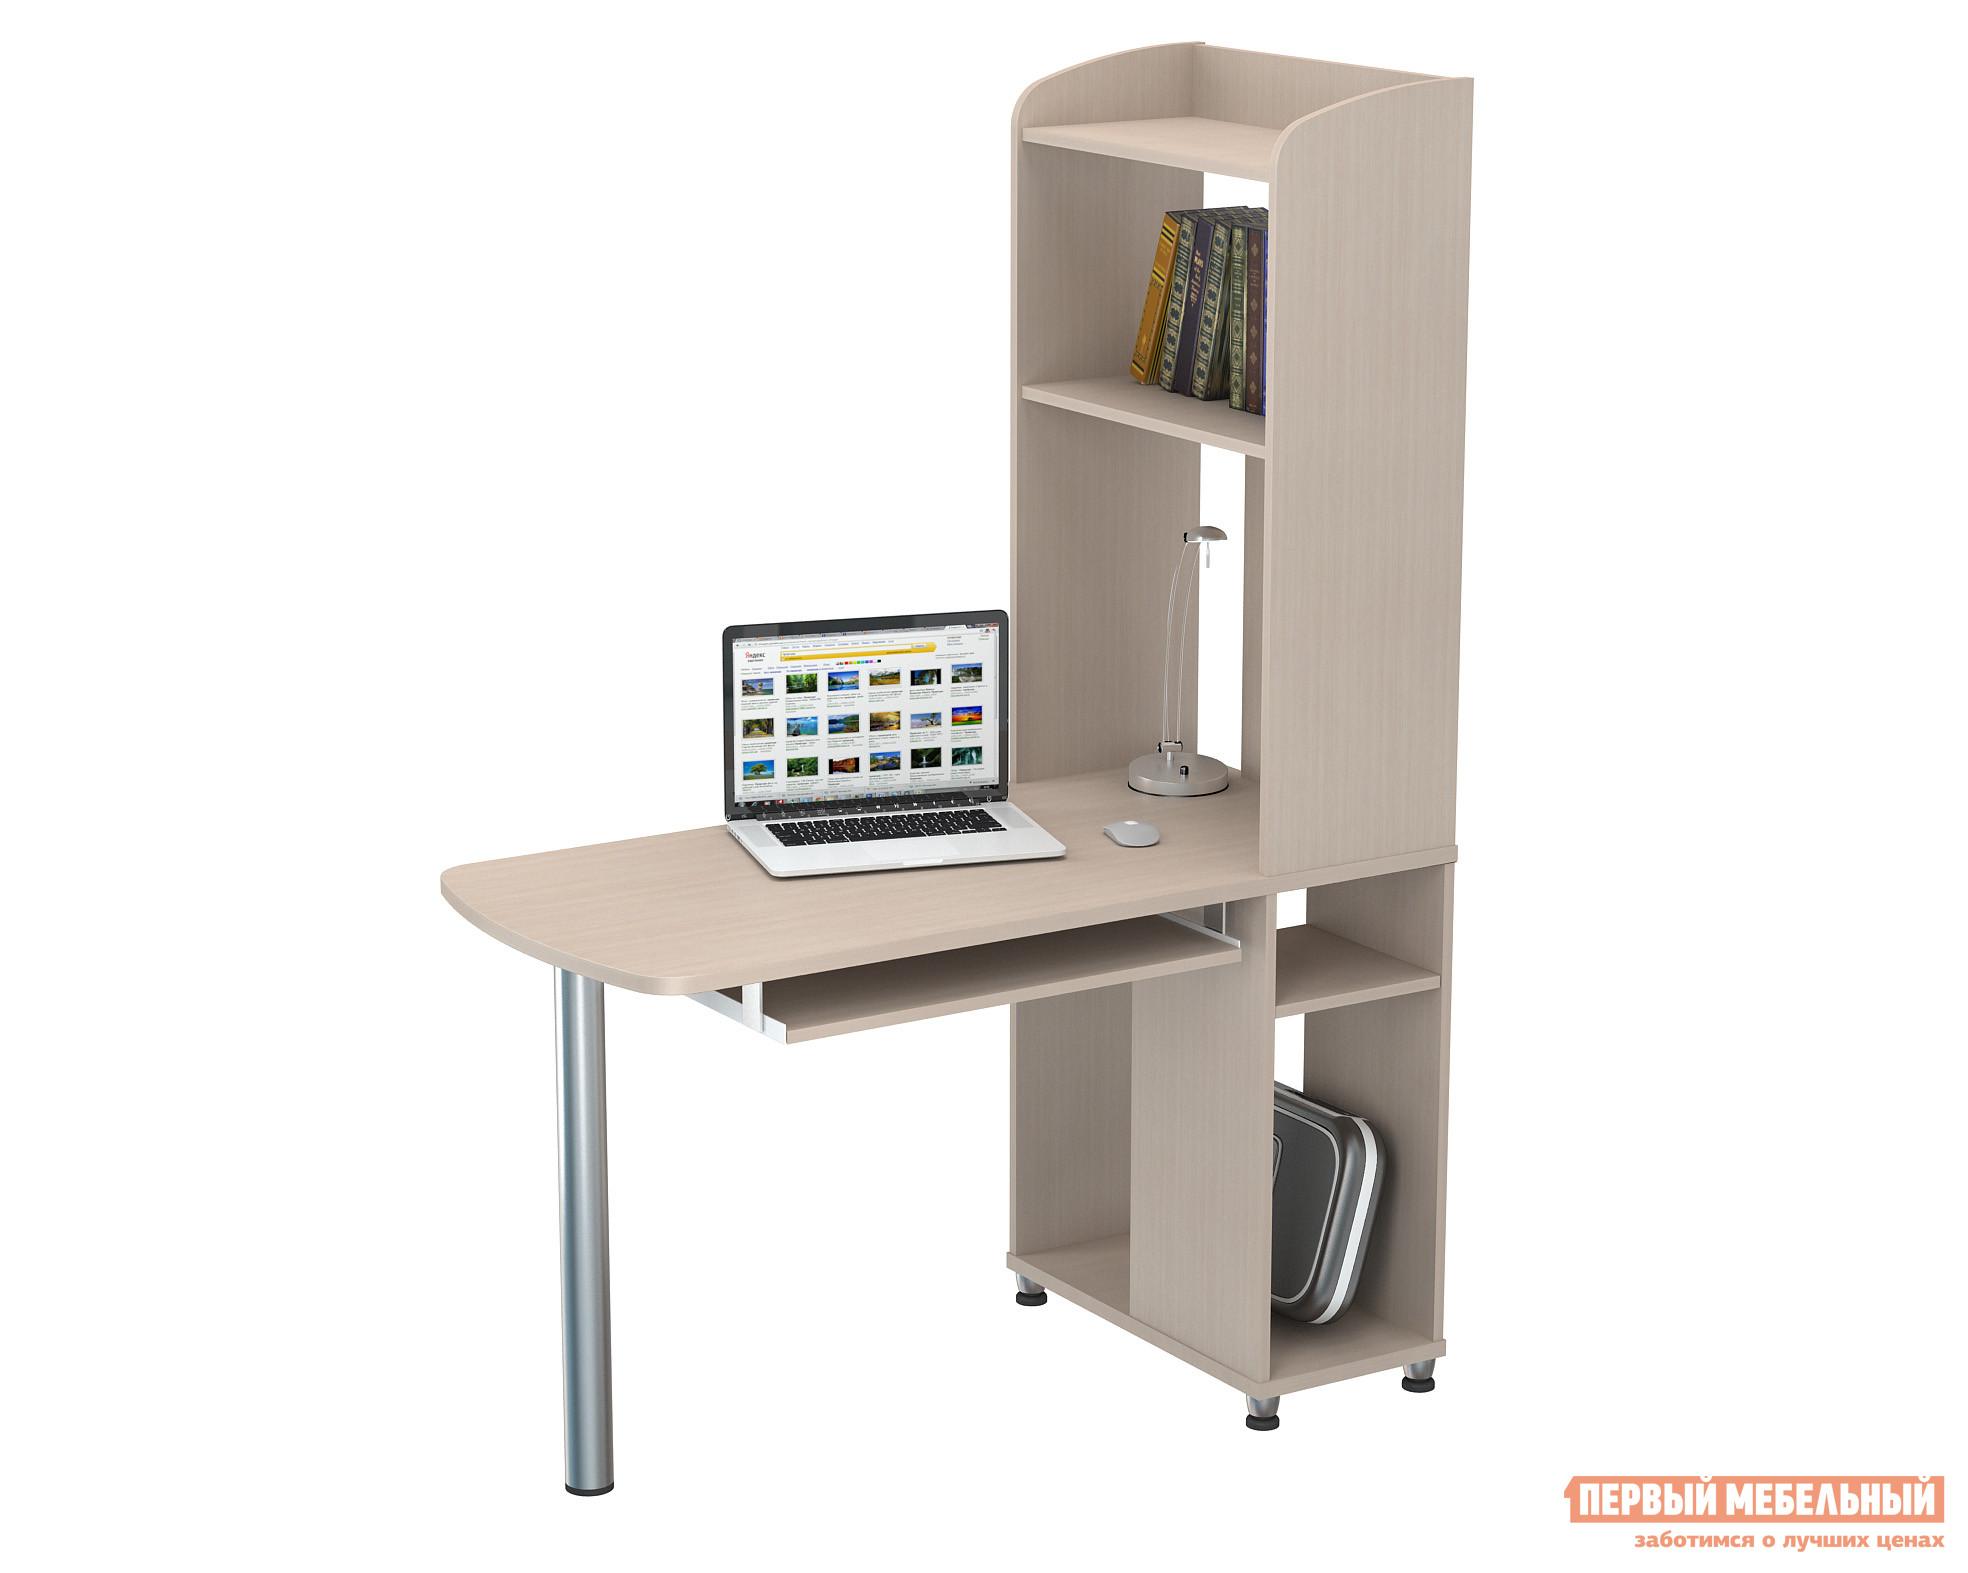 Компьютерный стол ВасКо КС 20-31 М1 стол компьютерный васко кс 20 30 м1 венге